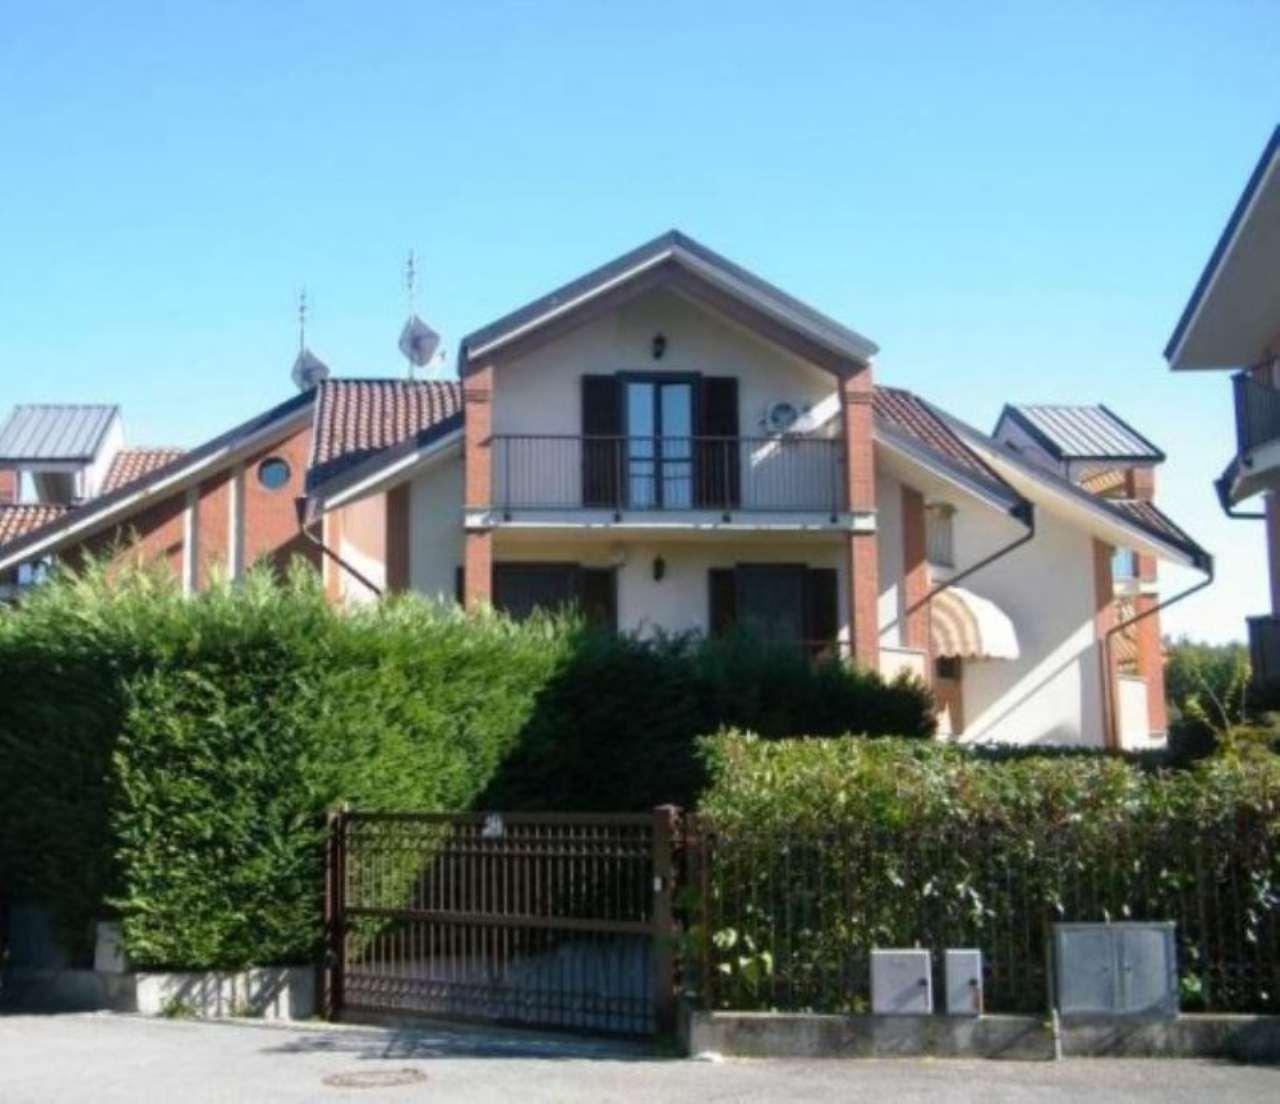 Villa in vendita a Rivoli, 6 locali, prezzo € 495.000 | Cambio Casa.it